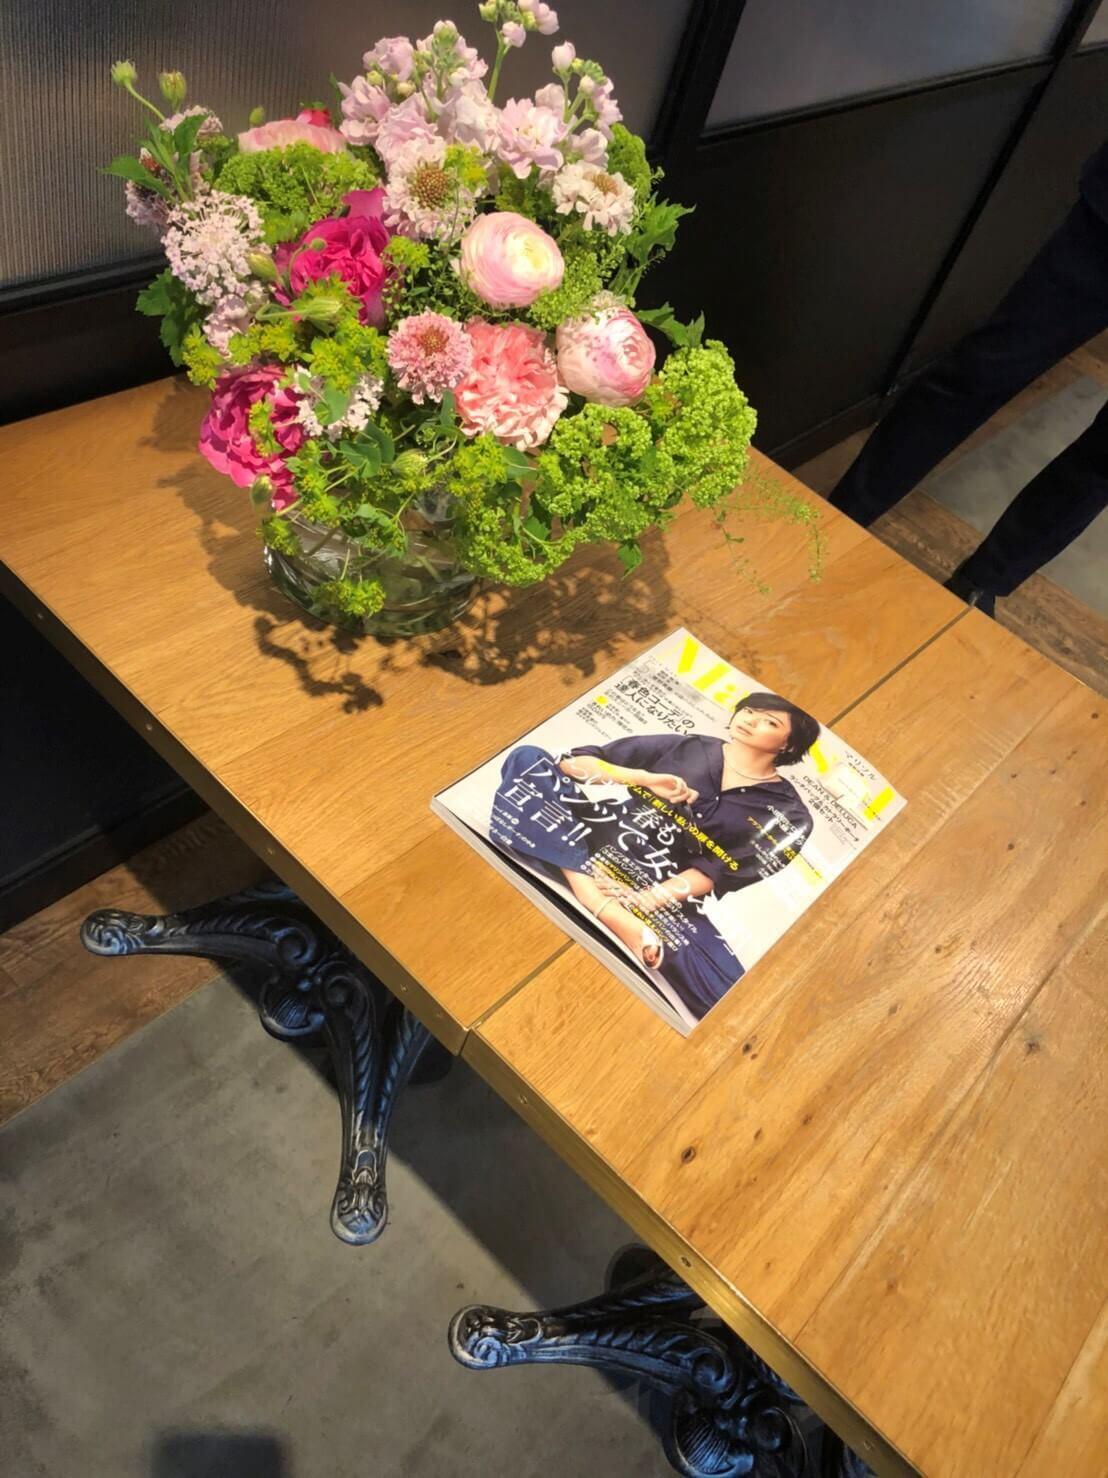 『Marisol×ALBION』イベントでアラフォー美容トーク&沢山の「キレイ」を楽しんで♡_1_1-1